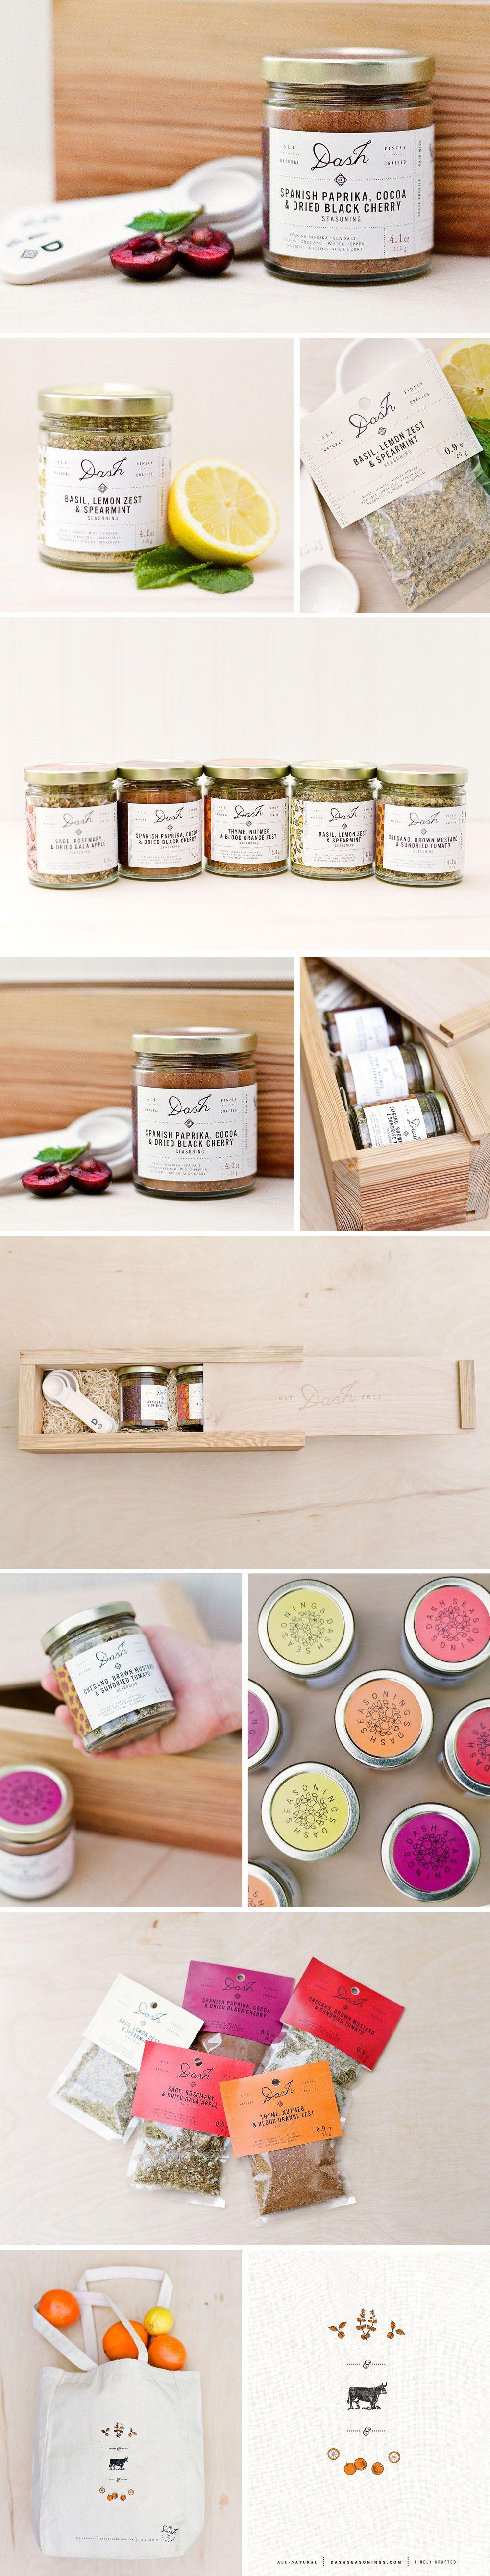 Dash Seasonings Packaging Concept